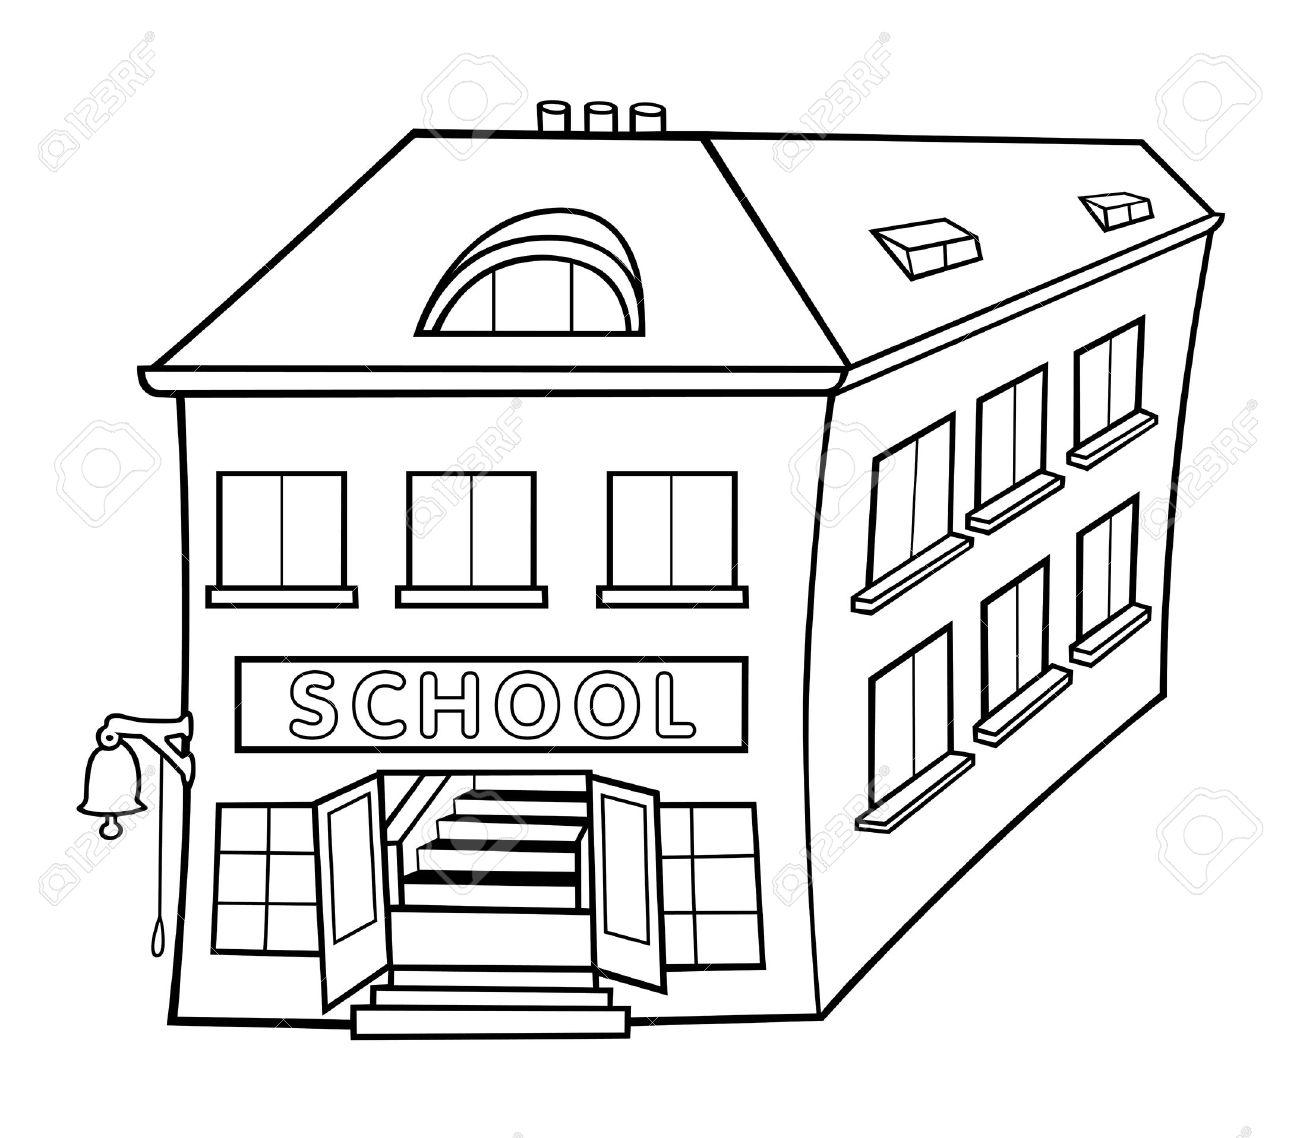 Schule clipart schwarz weiß  Schule - Schwarz-Weiß-Karikatur Illustration, Lizenzfrei Nutzbare ...